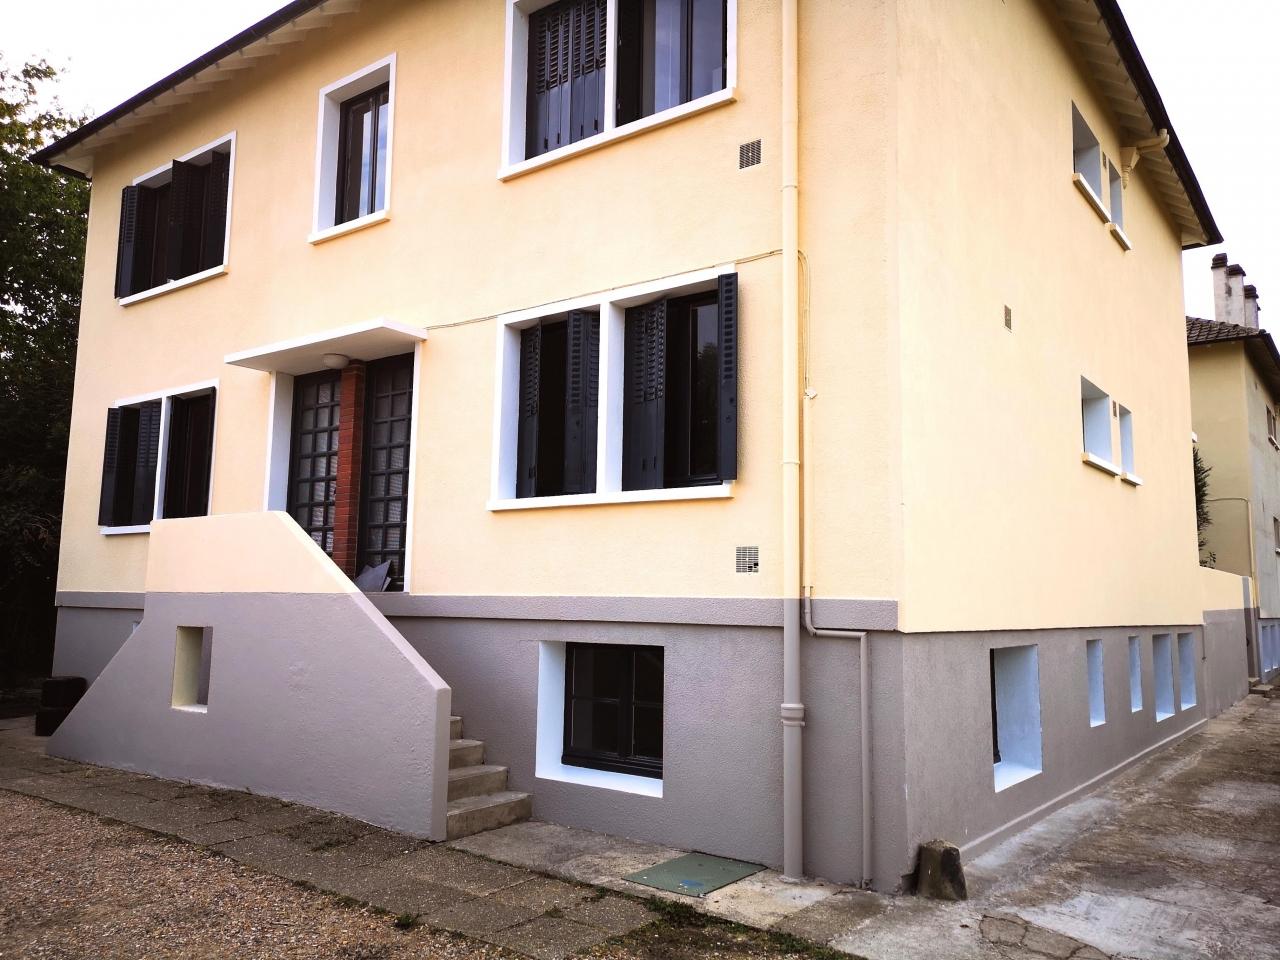 façade rueil